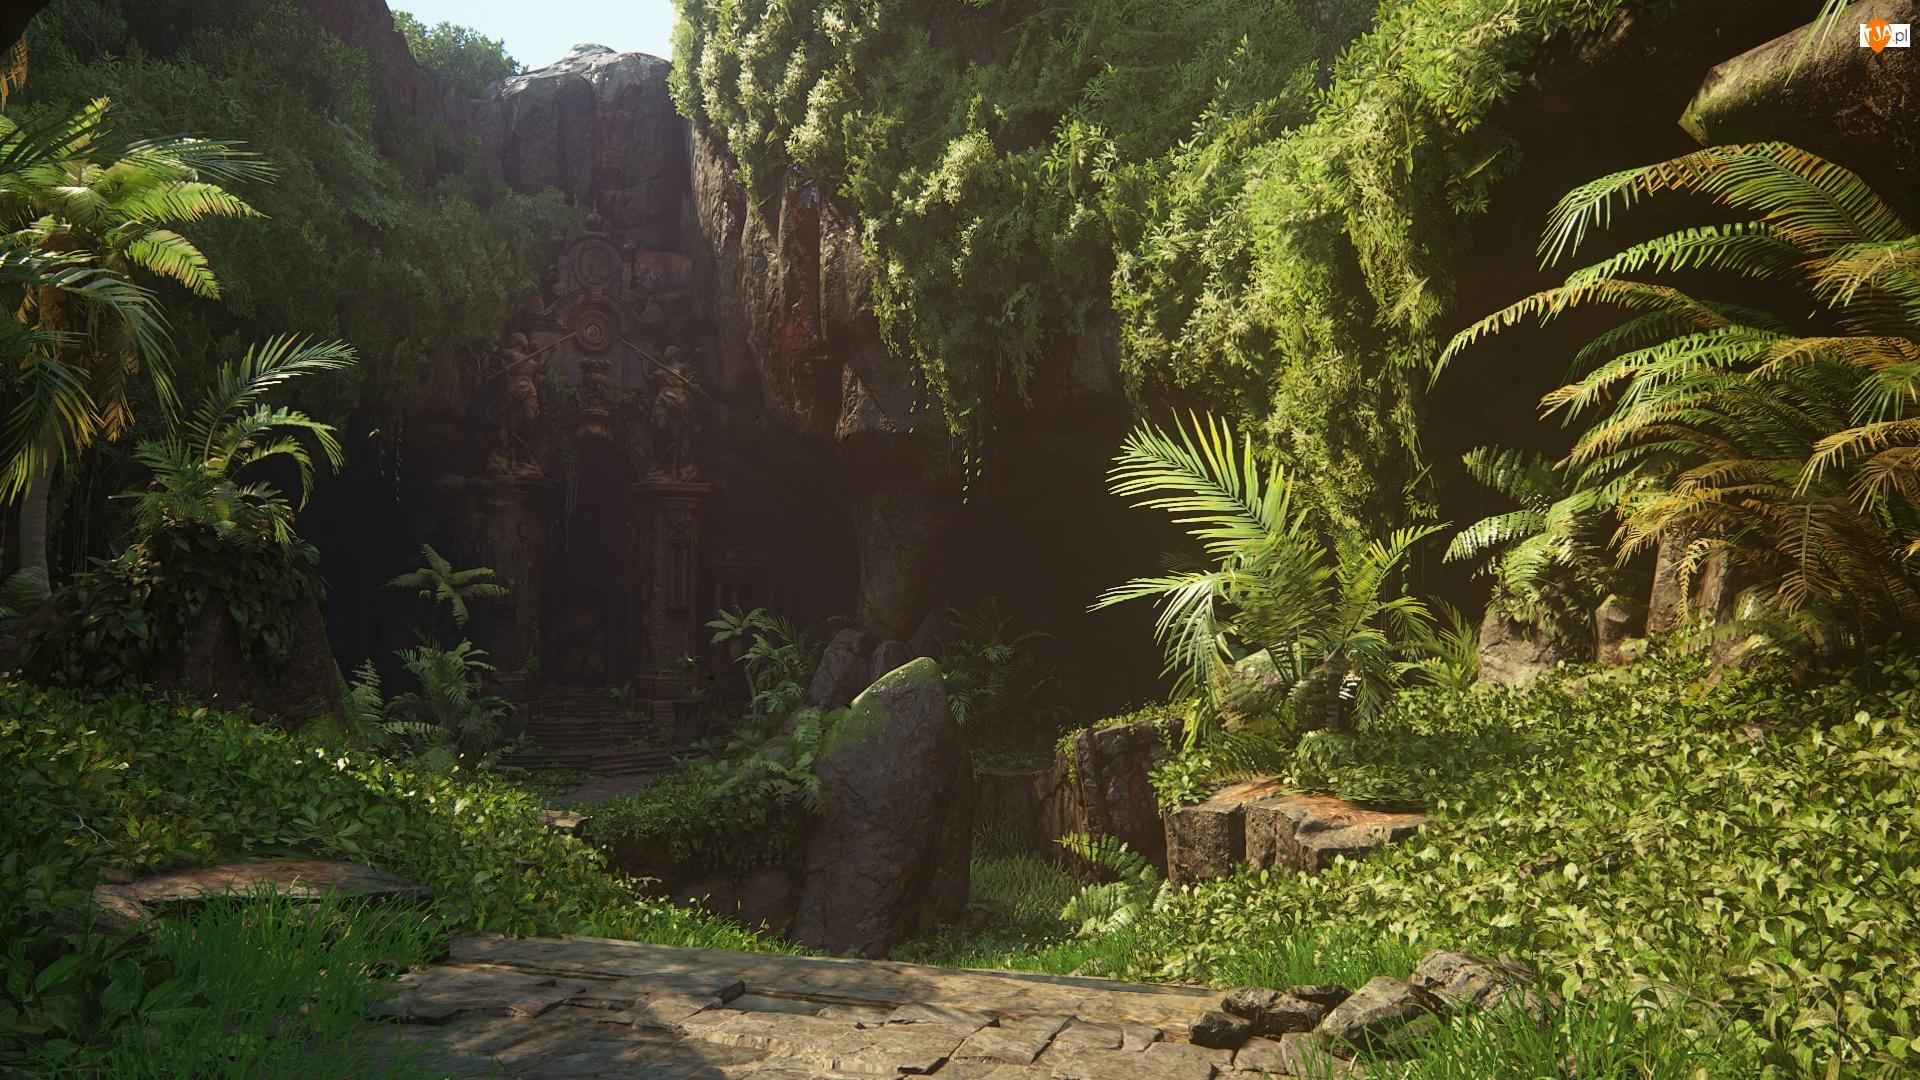 Dżungla, Las, Skały, Fantasy, Roślinność, Świątynia